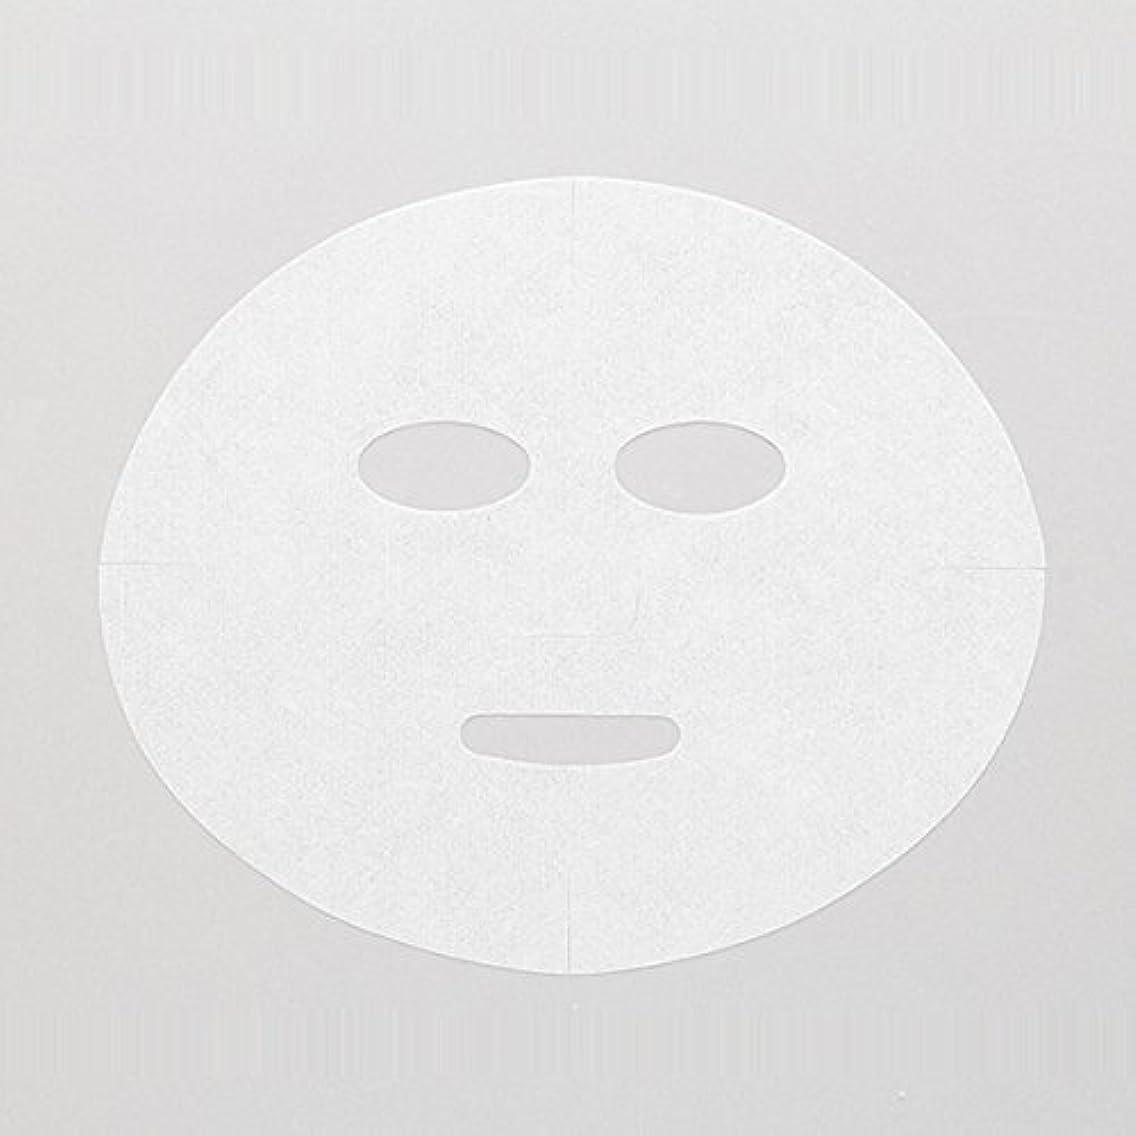 トレーニング倫理的アルカイック高保水 フェイシャルシート (マスクタイプ 化粧水無) 80枚 24×20cm [ フェイスマスク フェイスシート フェイスパック フェイシャルマスク シートマスク フェイシャルシート フェイシャルパック ローションマスク...